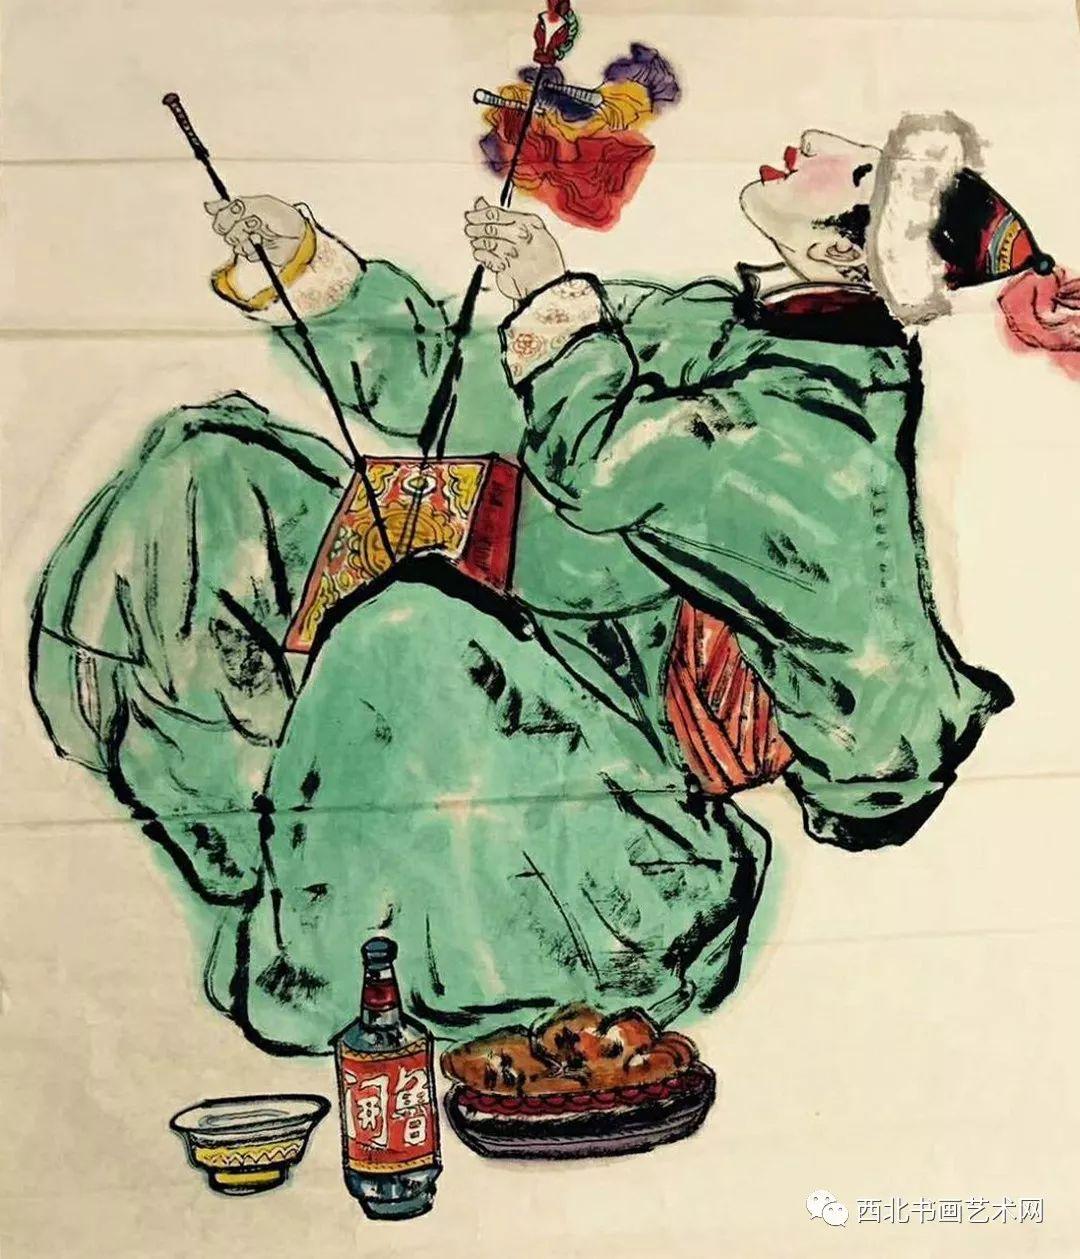 西北书画艺术网向您推荐:著名画家刘宝平 第4张